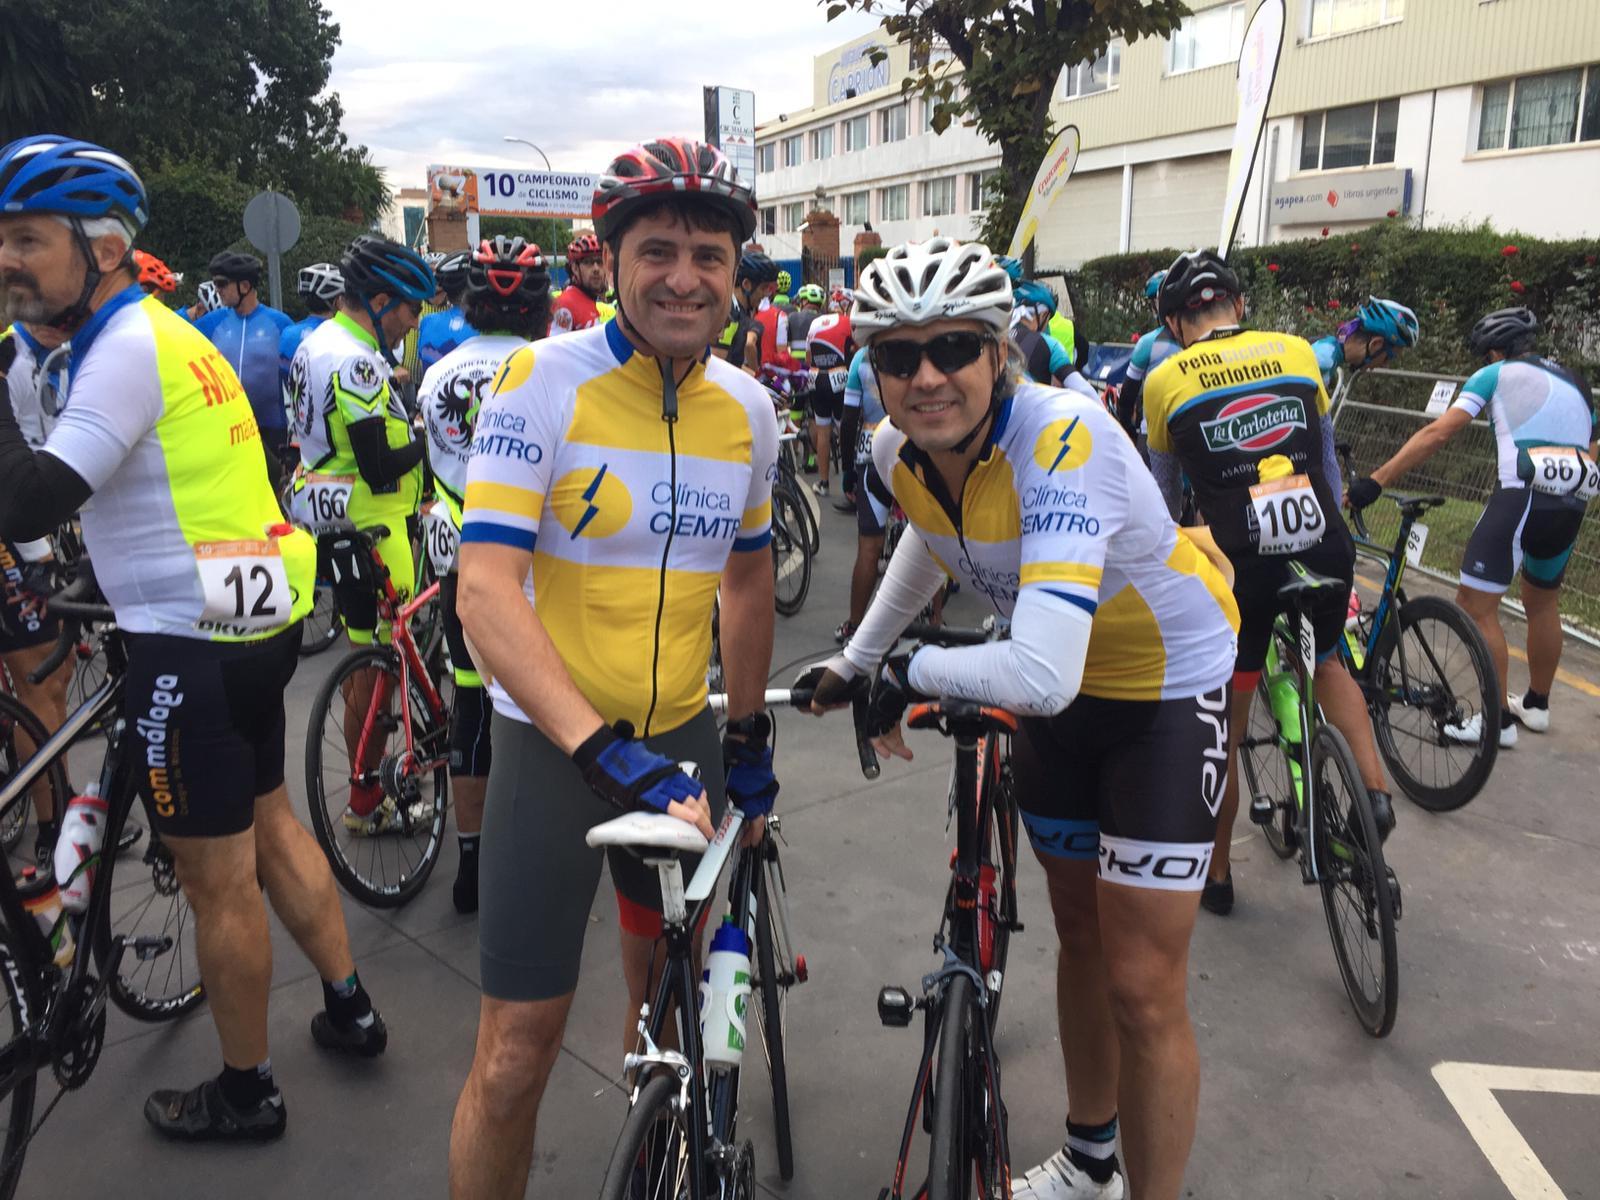 Clinica Cemtro Campeonato España Ciclismo para Medicos